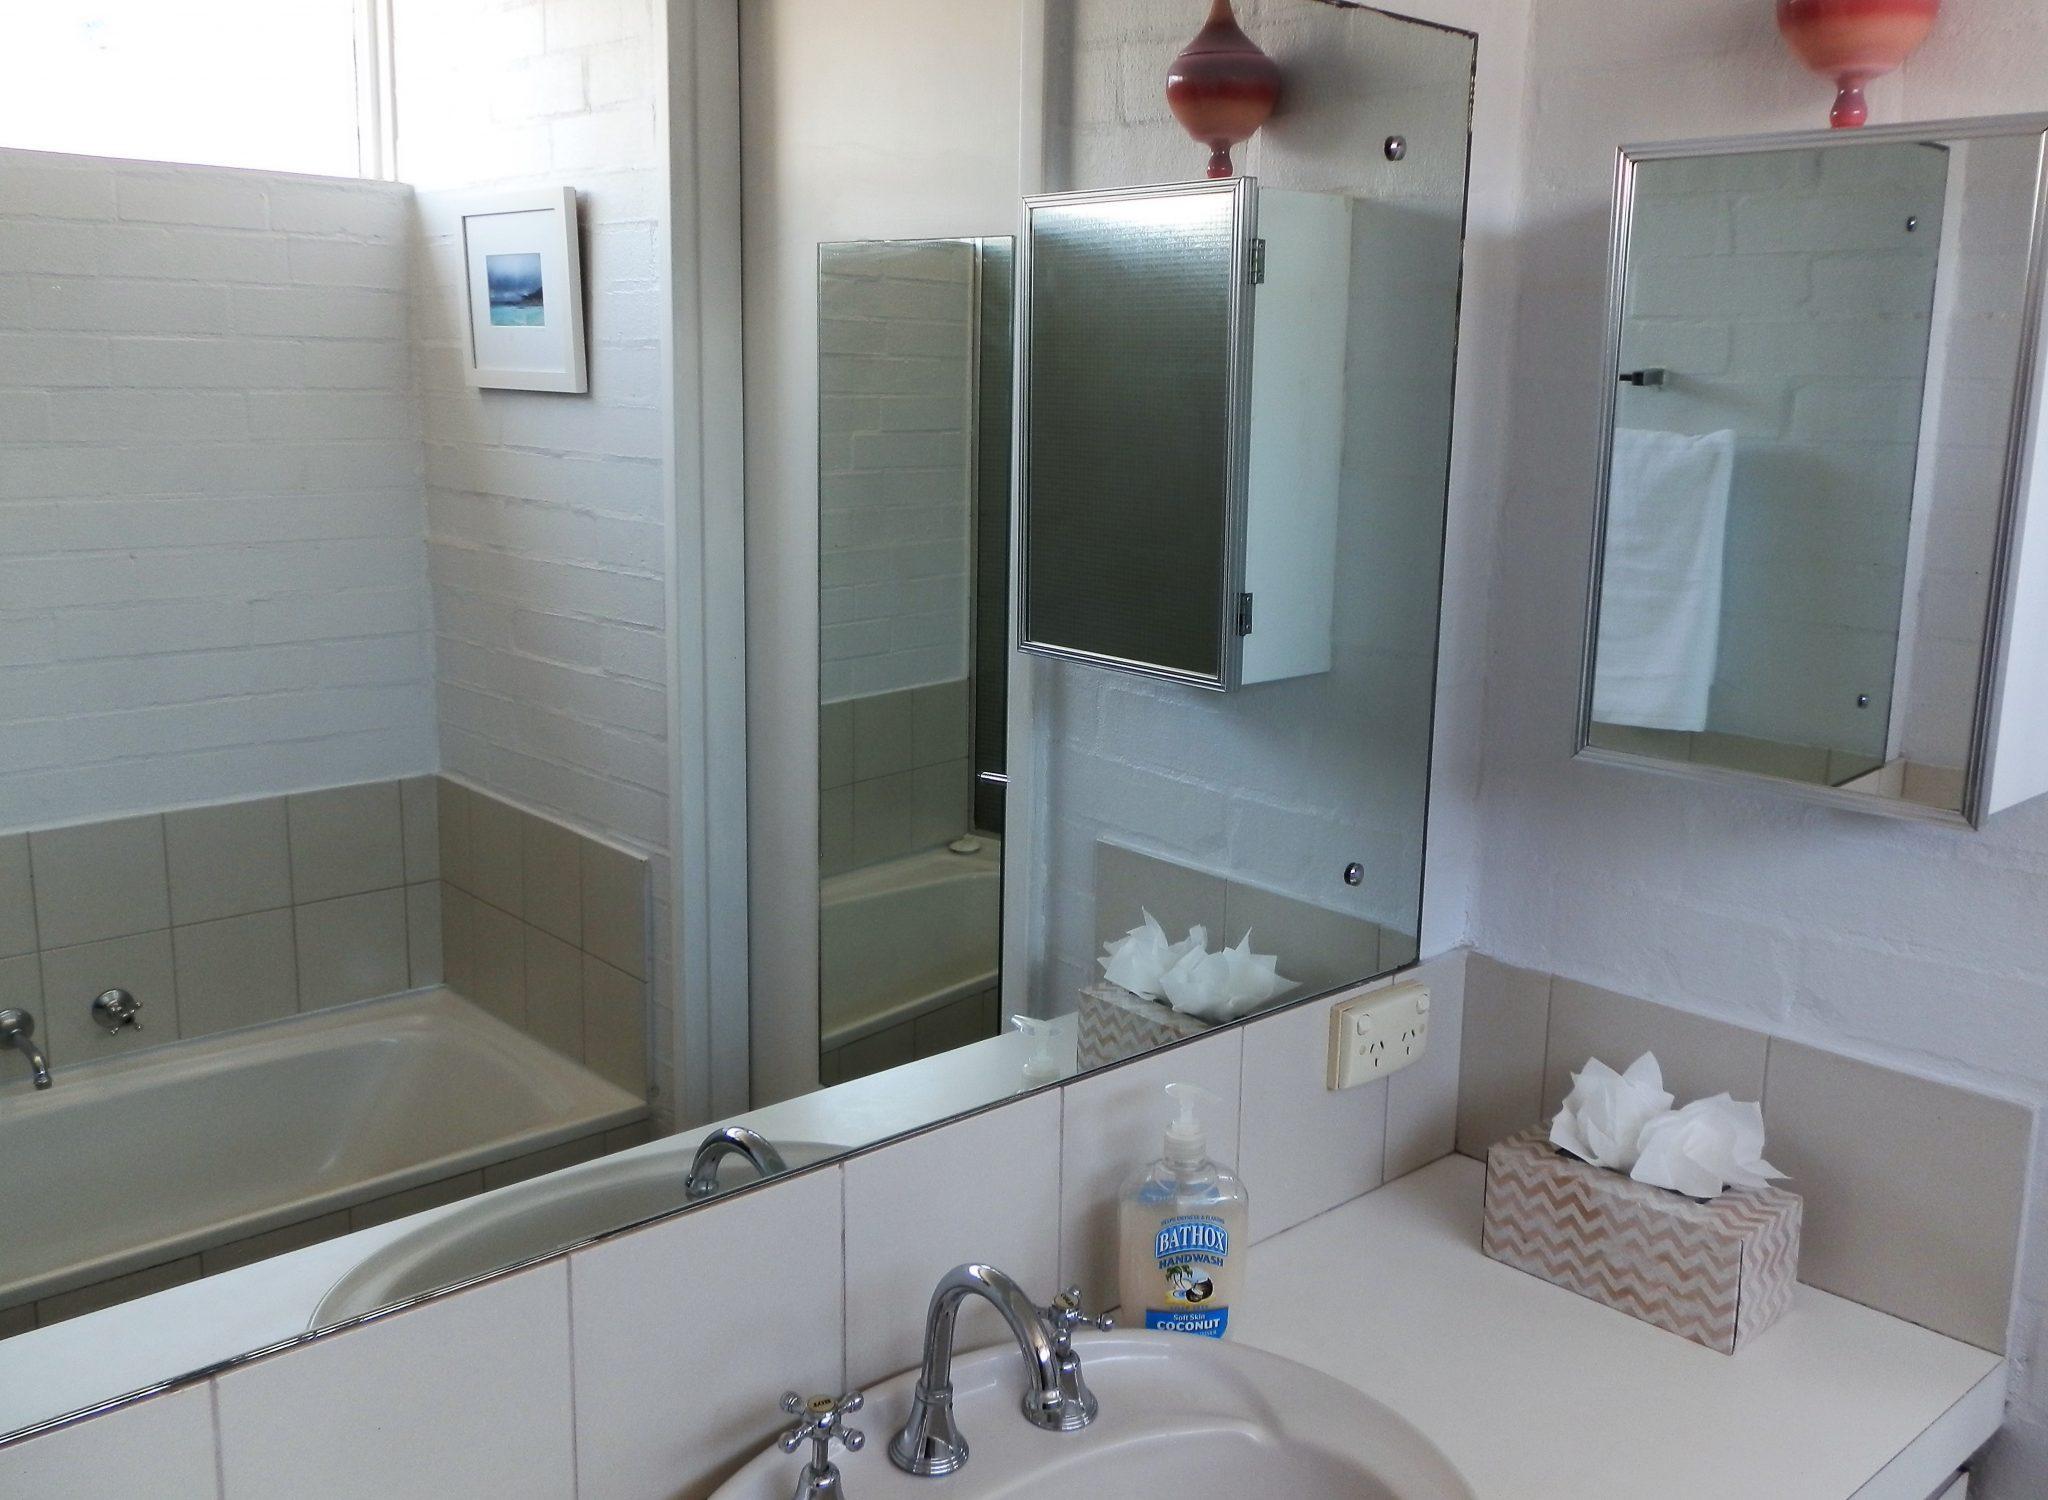 Bathroom at Suffolk street Villa Fremantle